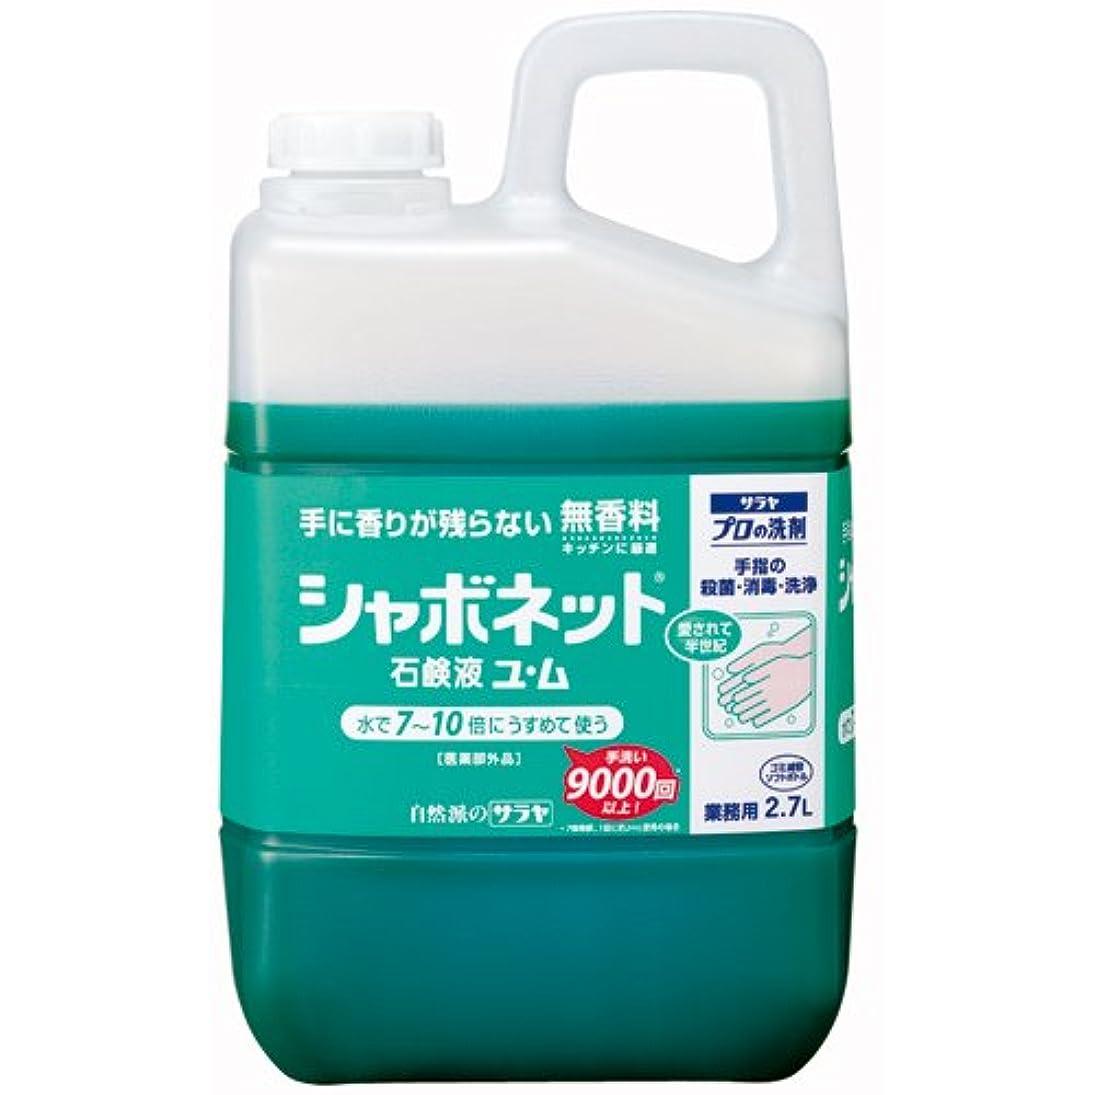 利得ドラフト事業内容サラヤ シャボネット石鹸液 ユ?ム 無香料 業務用 2.7L